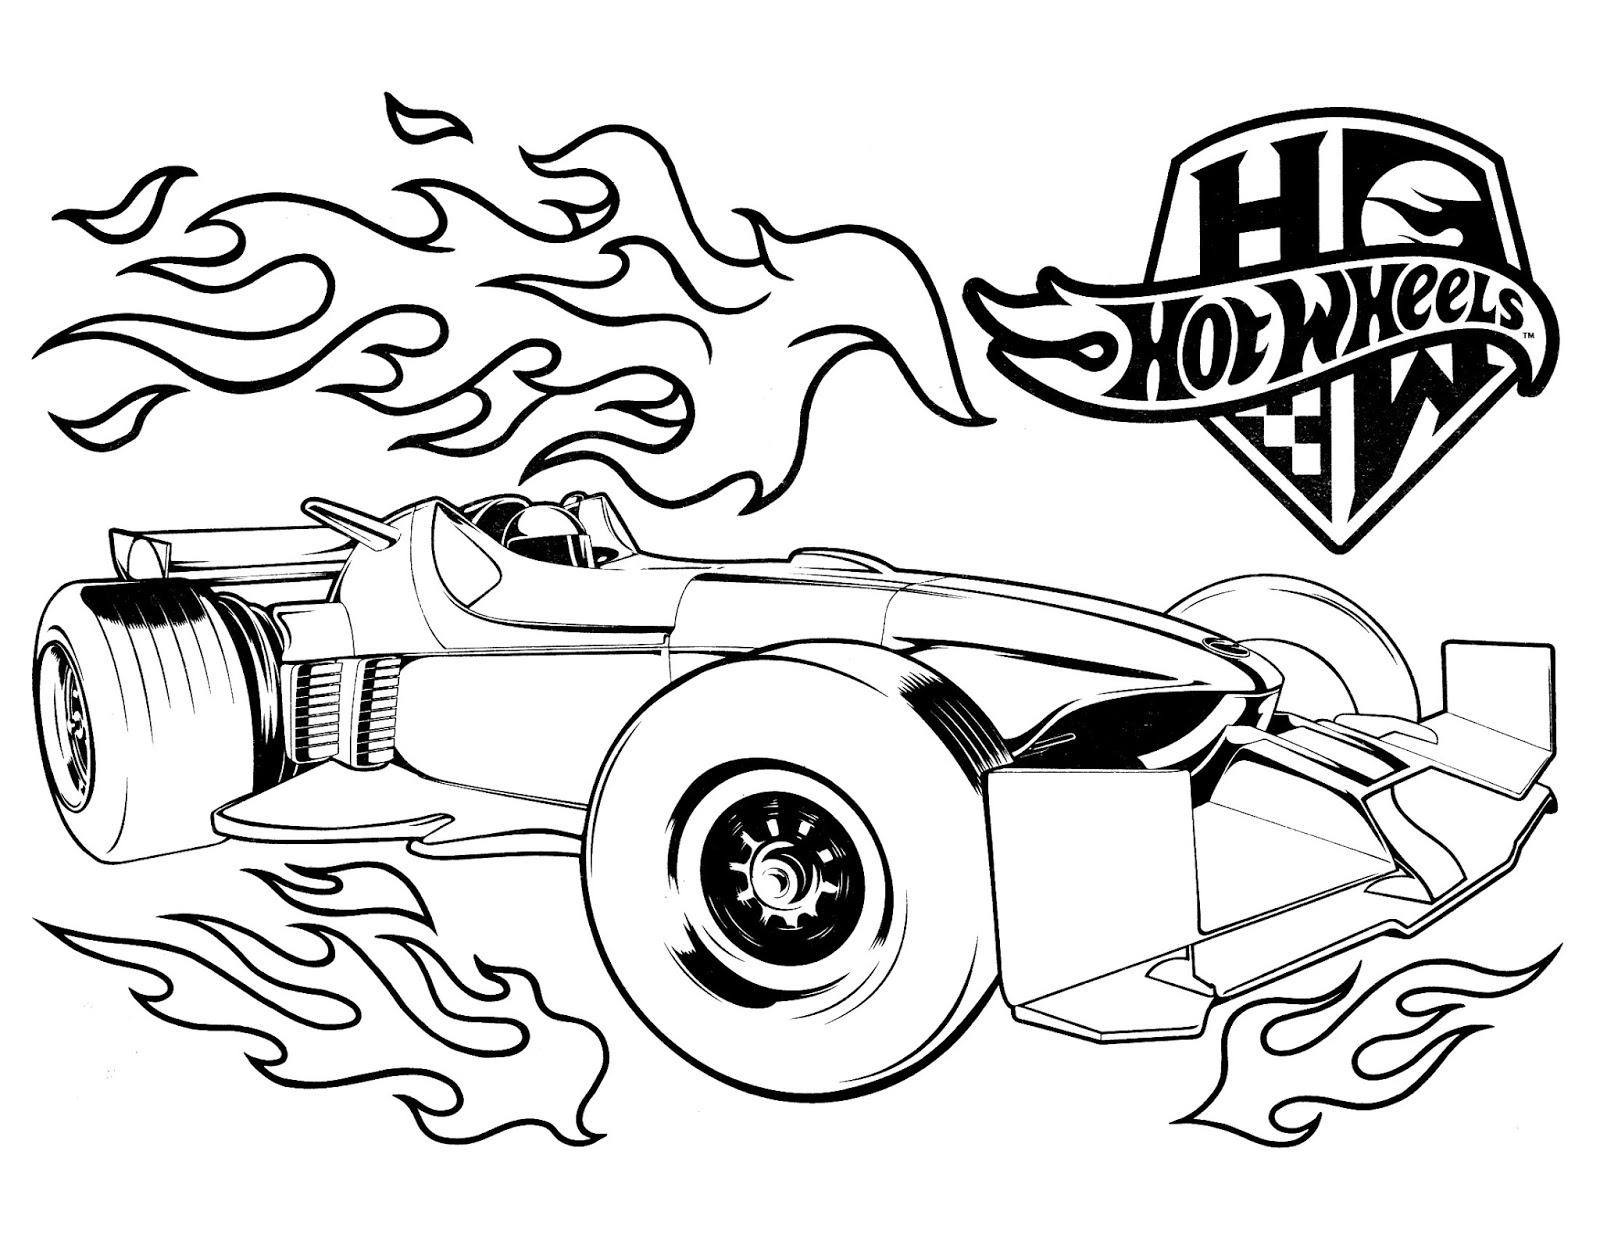 hot wheels coloring pages - desenhos para colorir e imprimir desenhos para colorir